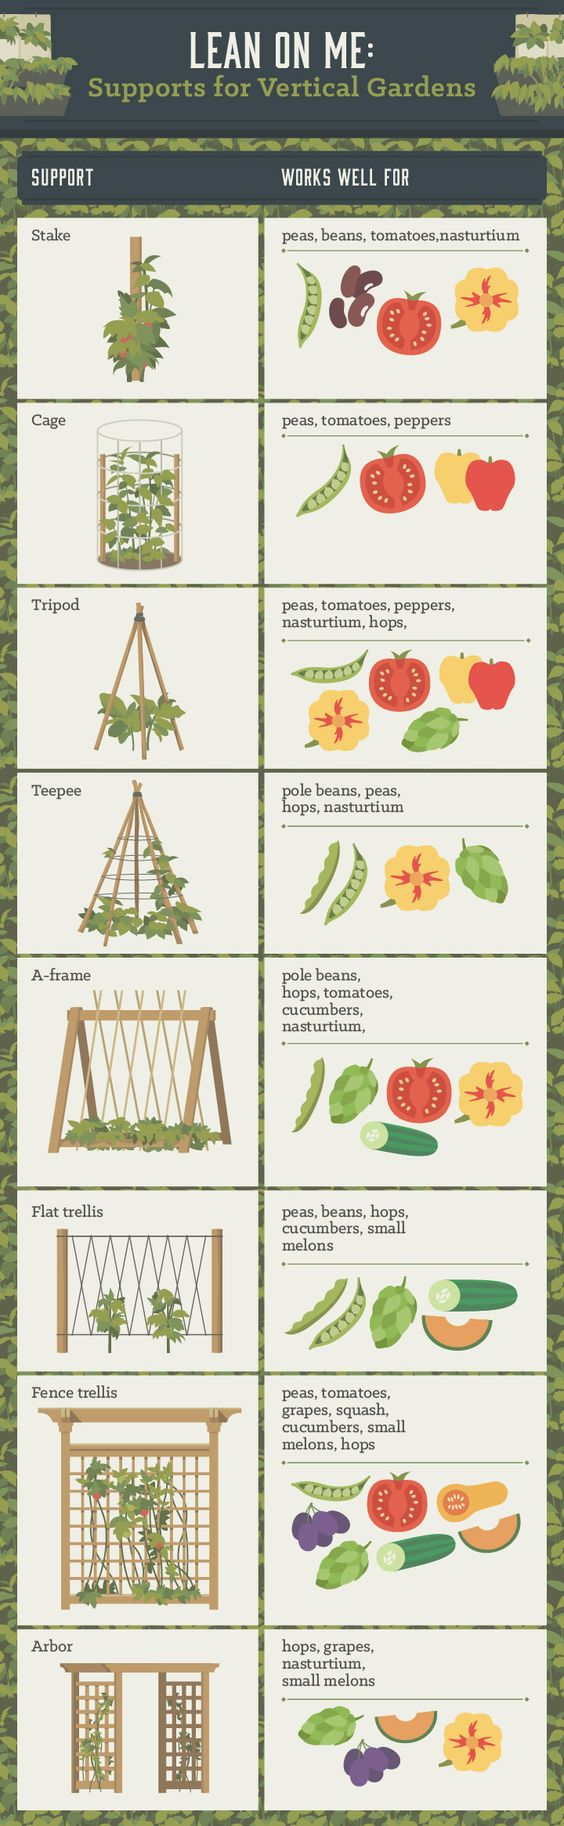 Un infographie pour savoir quel support est fait pour vos légumes